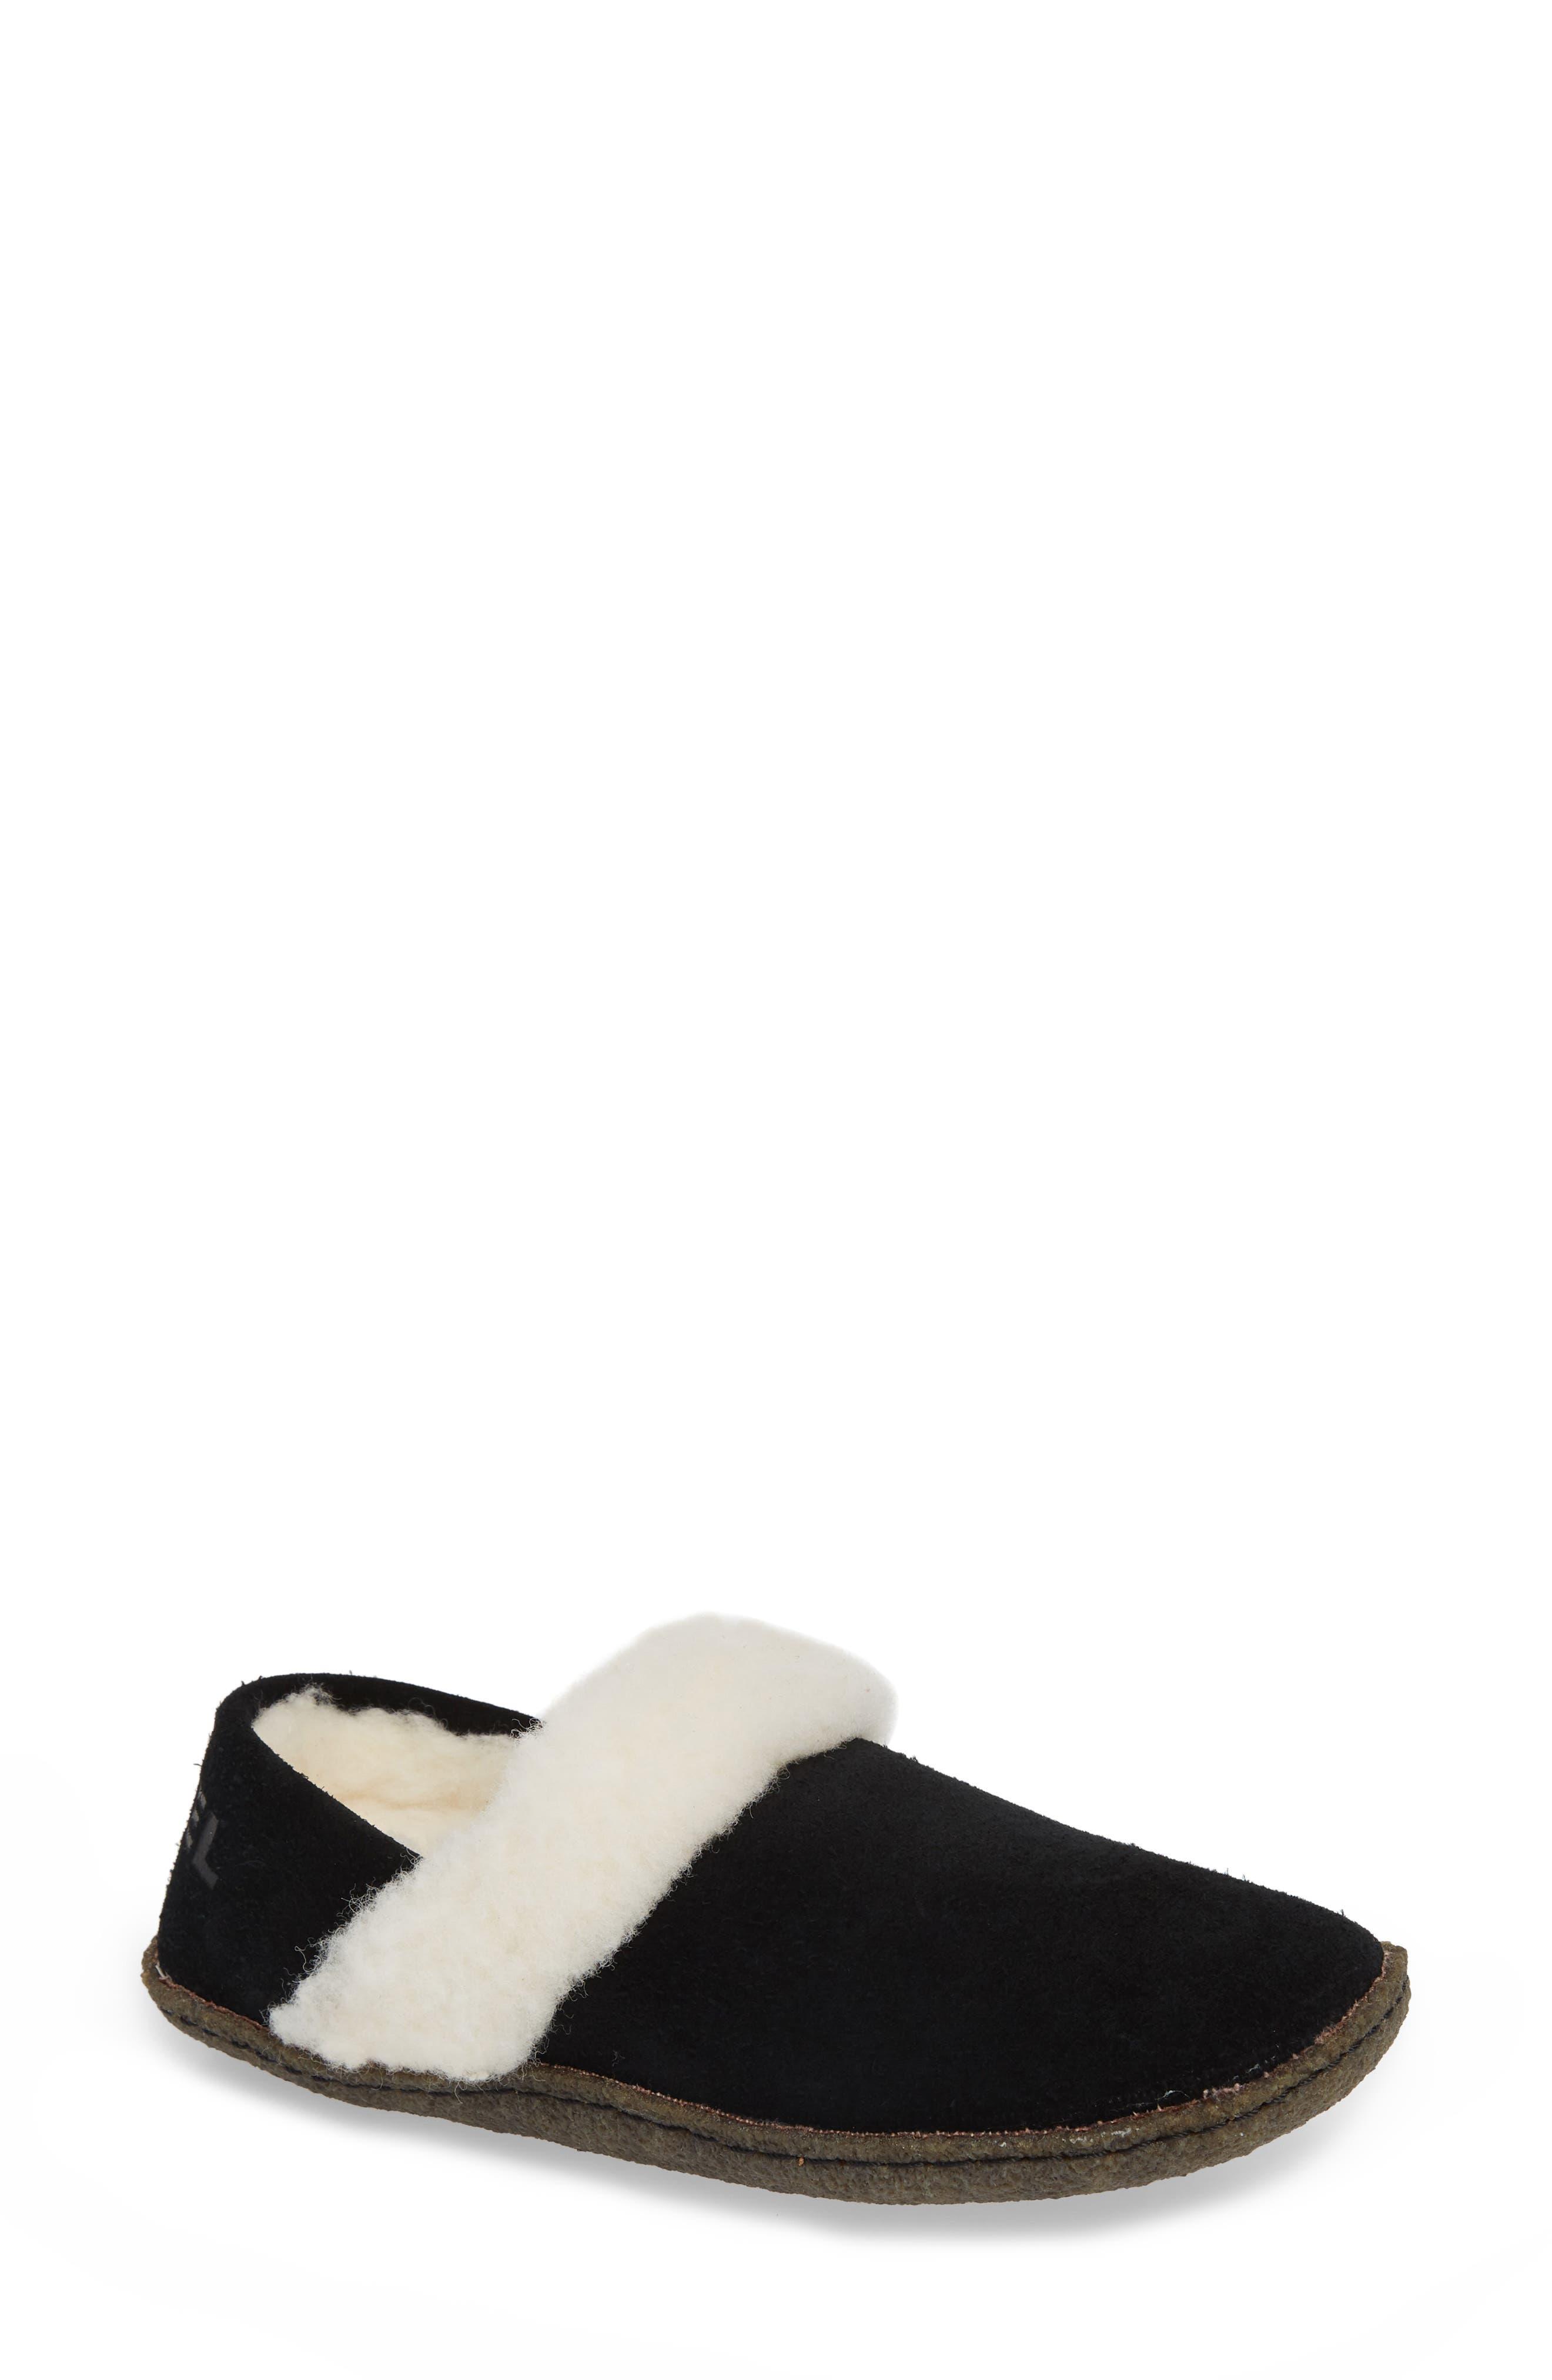 Nakiska II Faux Shearling Lined Slipper,                             Main thumbnail 1, color,                             BLACK/ NATURAL